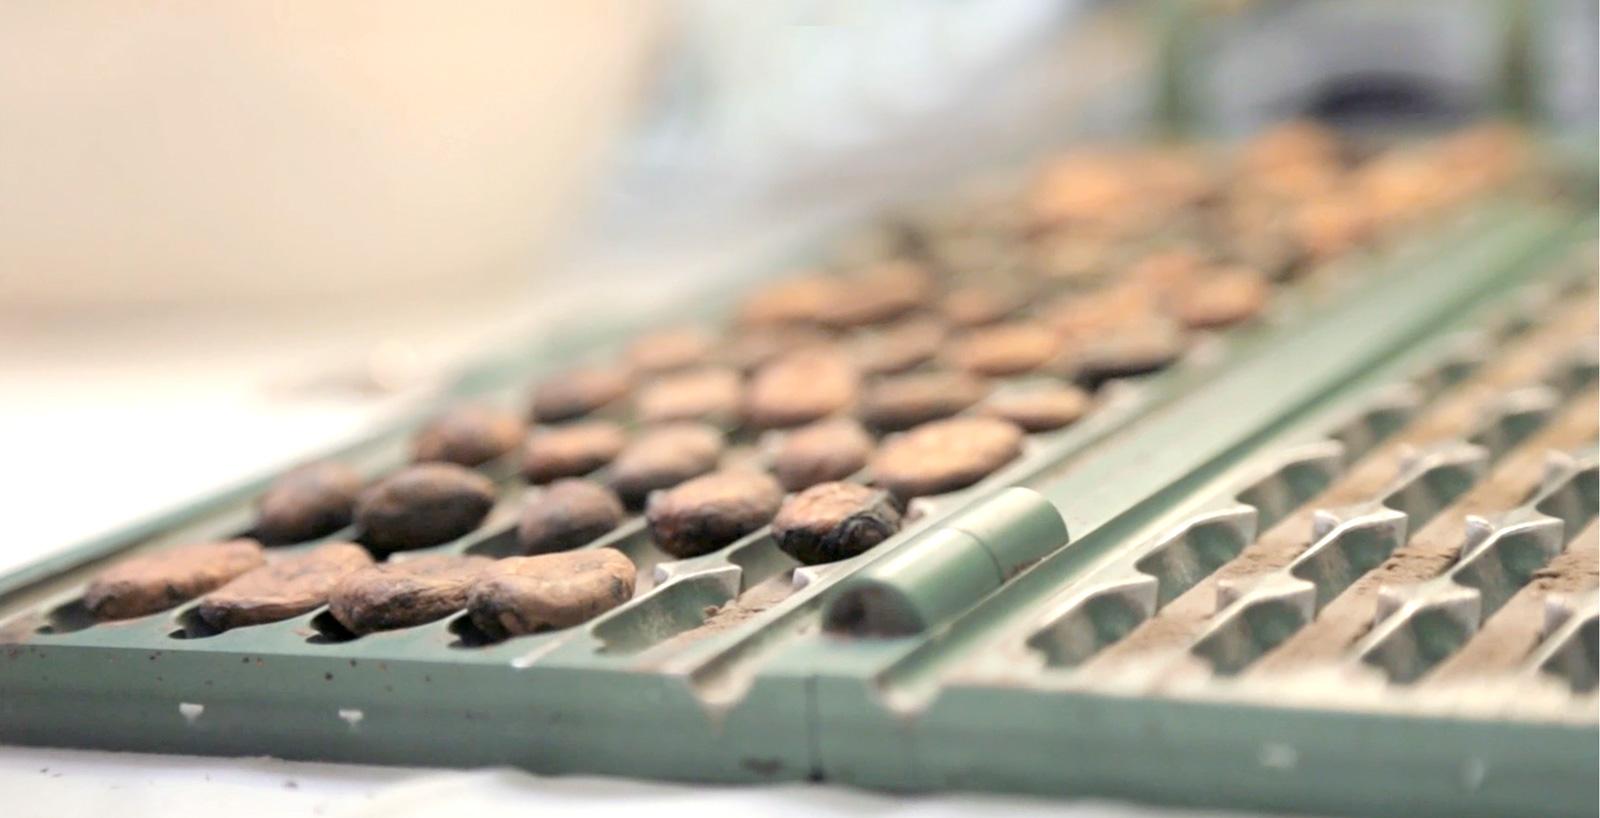 Qualità controllata del cacao.